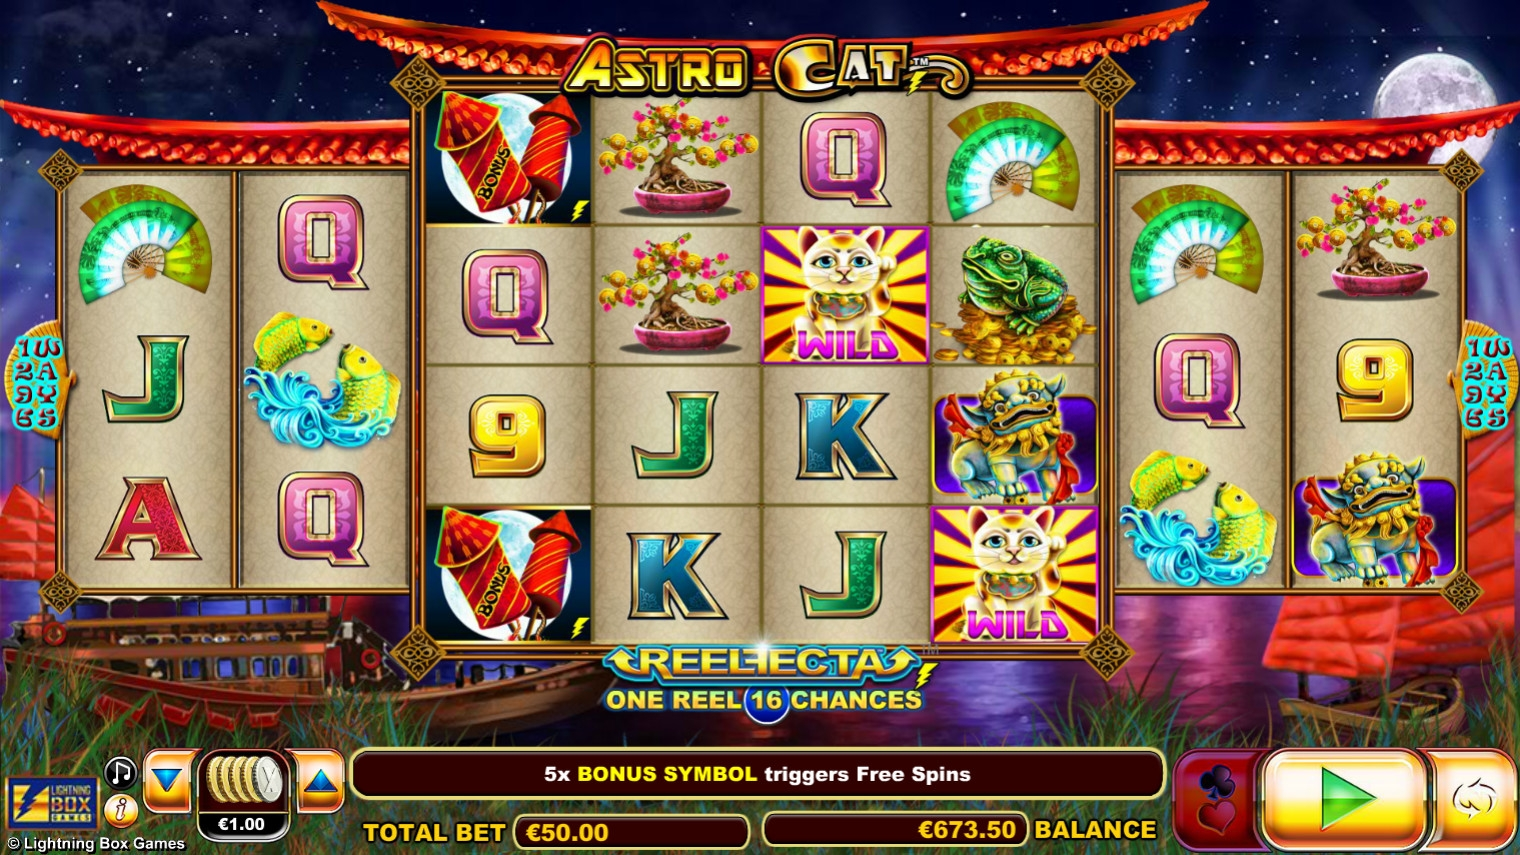 Игровые автоматы астро игровые автоматы с multigame эмулятор